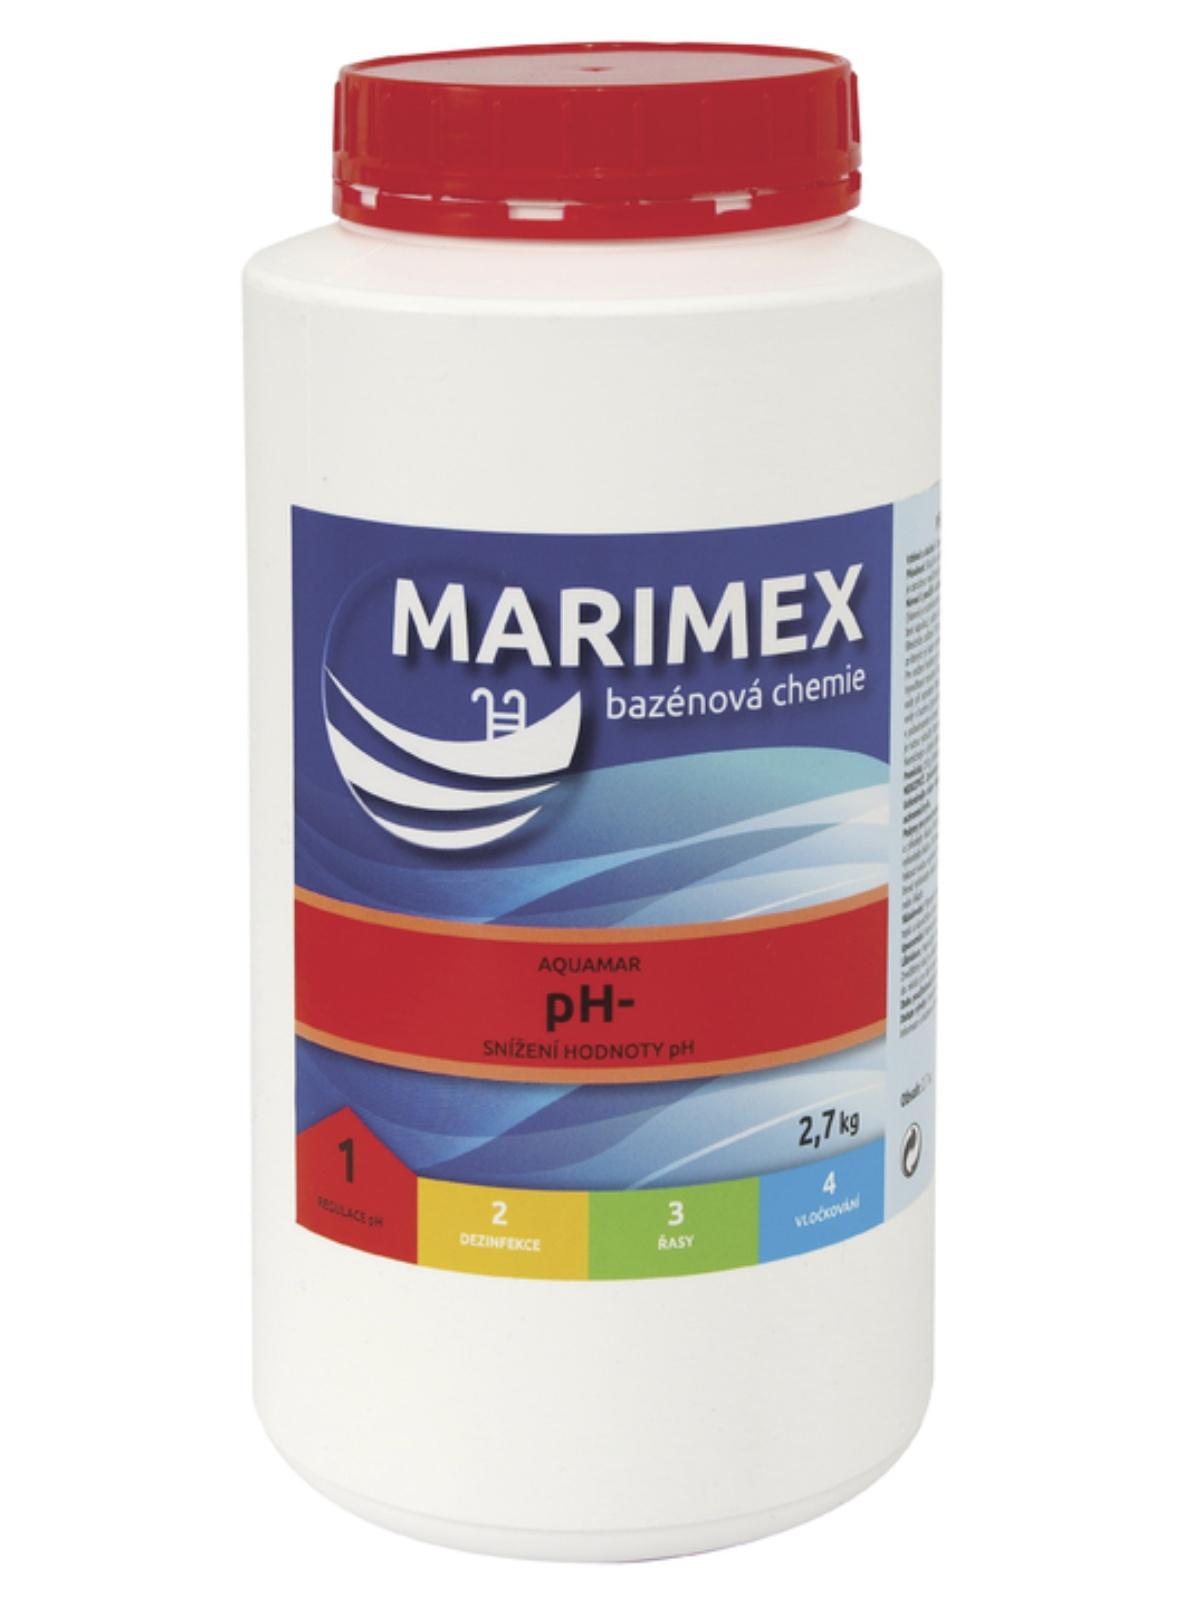 MARIMEX 11300107 Aquamar pH- 2,7 kg